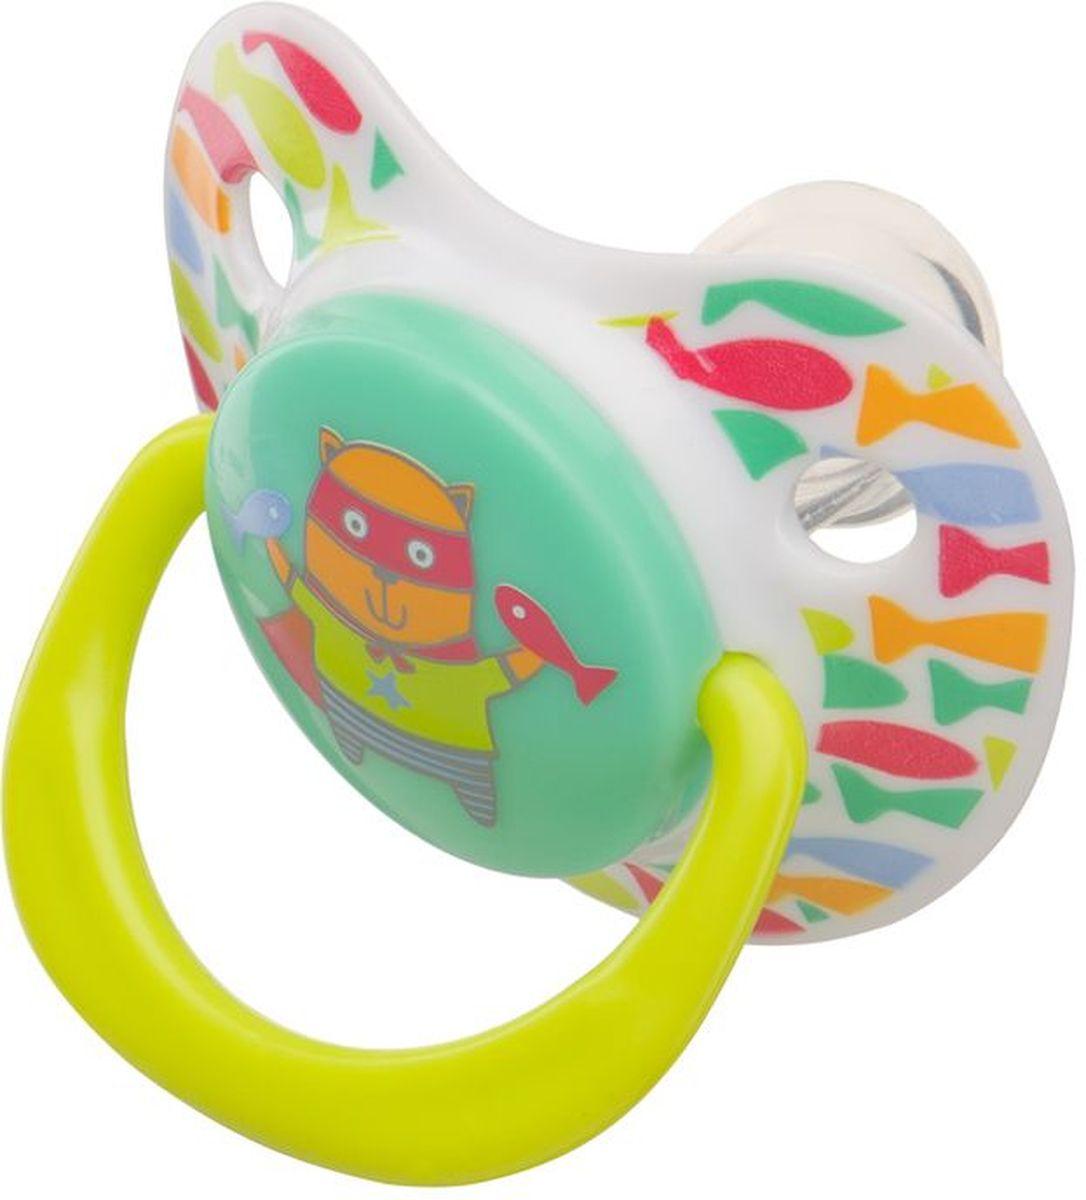 Happy Baby Соска-пустышка ортодонтическая силиконовая с колпачком Кошечка от 0 до 12 месяцев -  Все для детского кормления